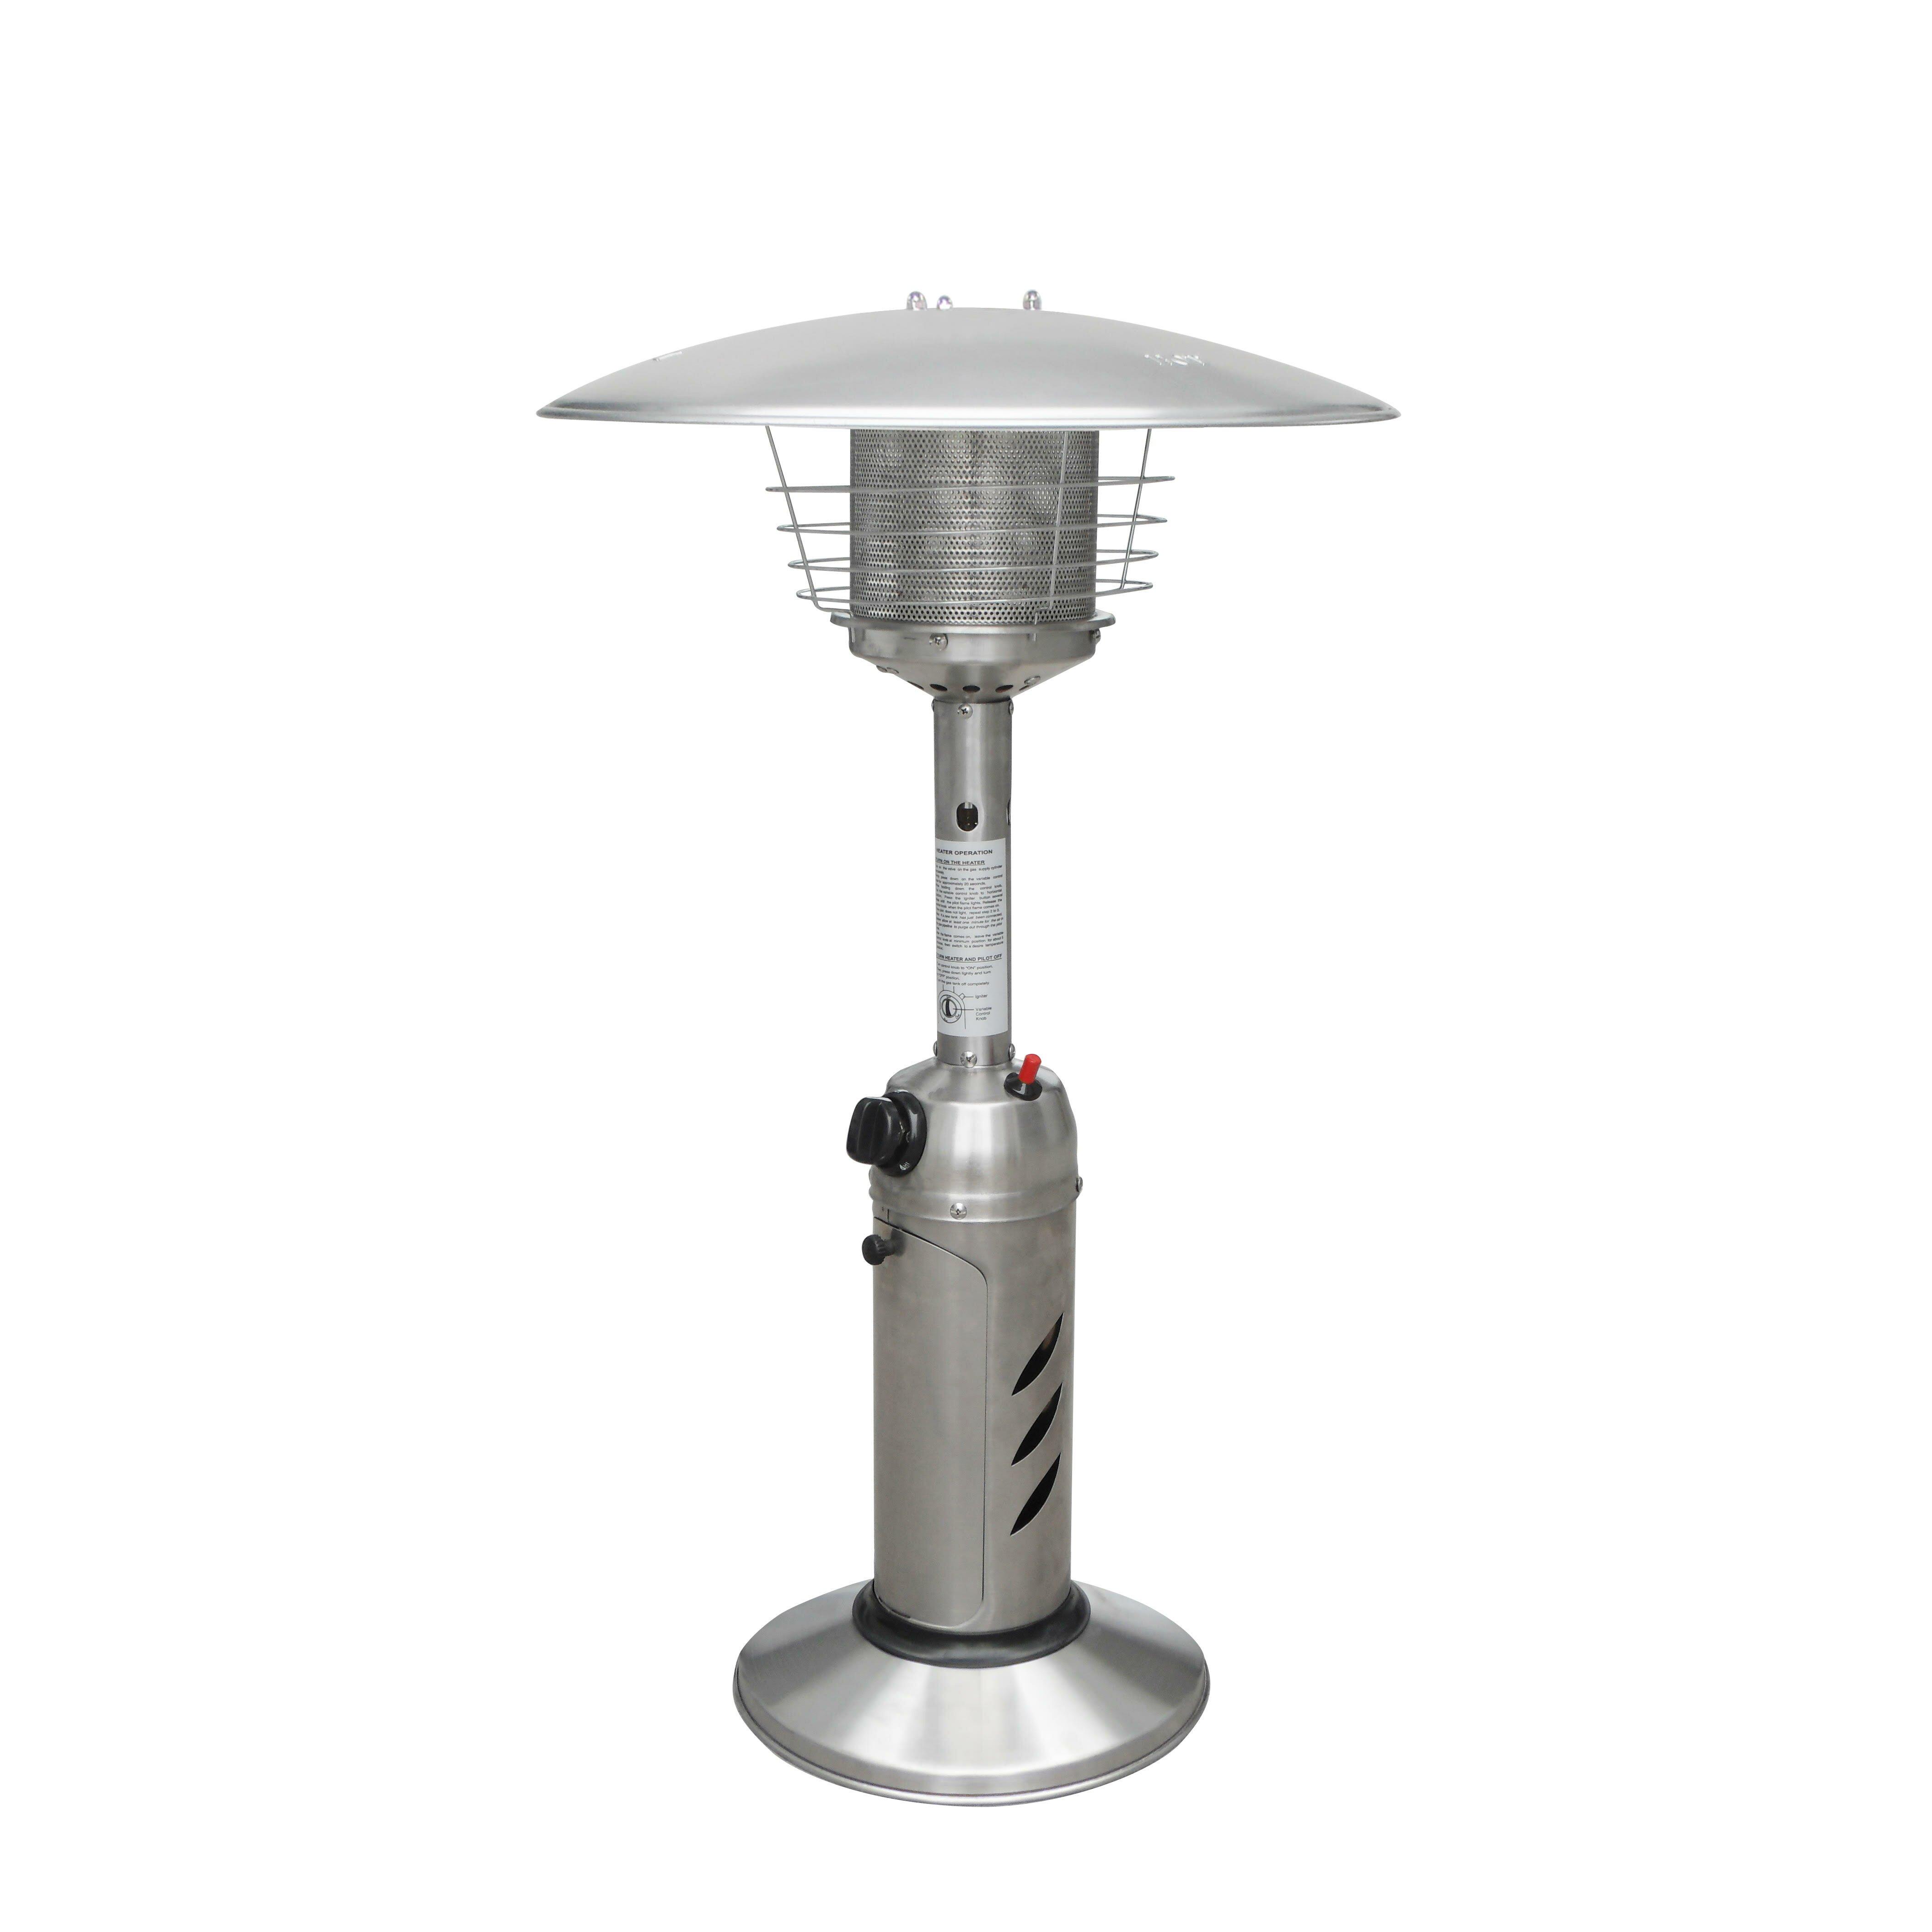 gardensun portable tabletop propane patio heater reviews